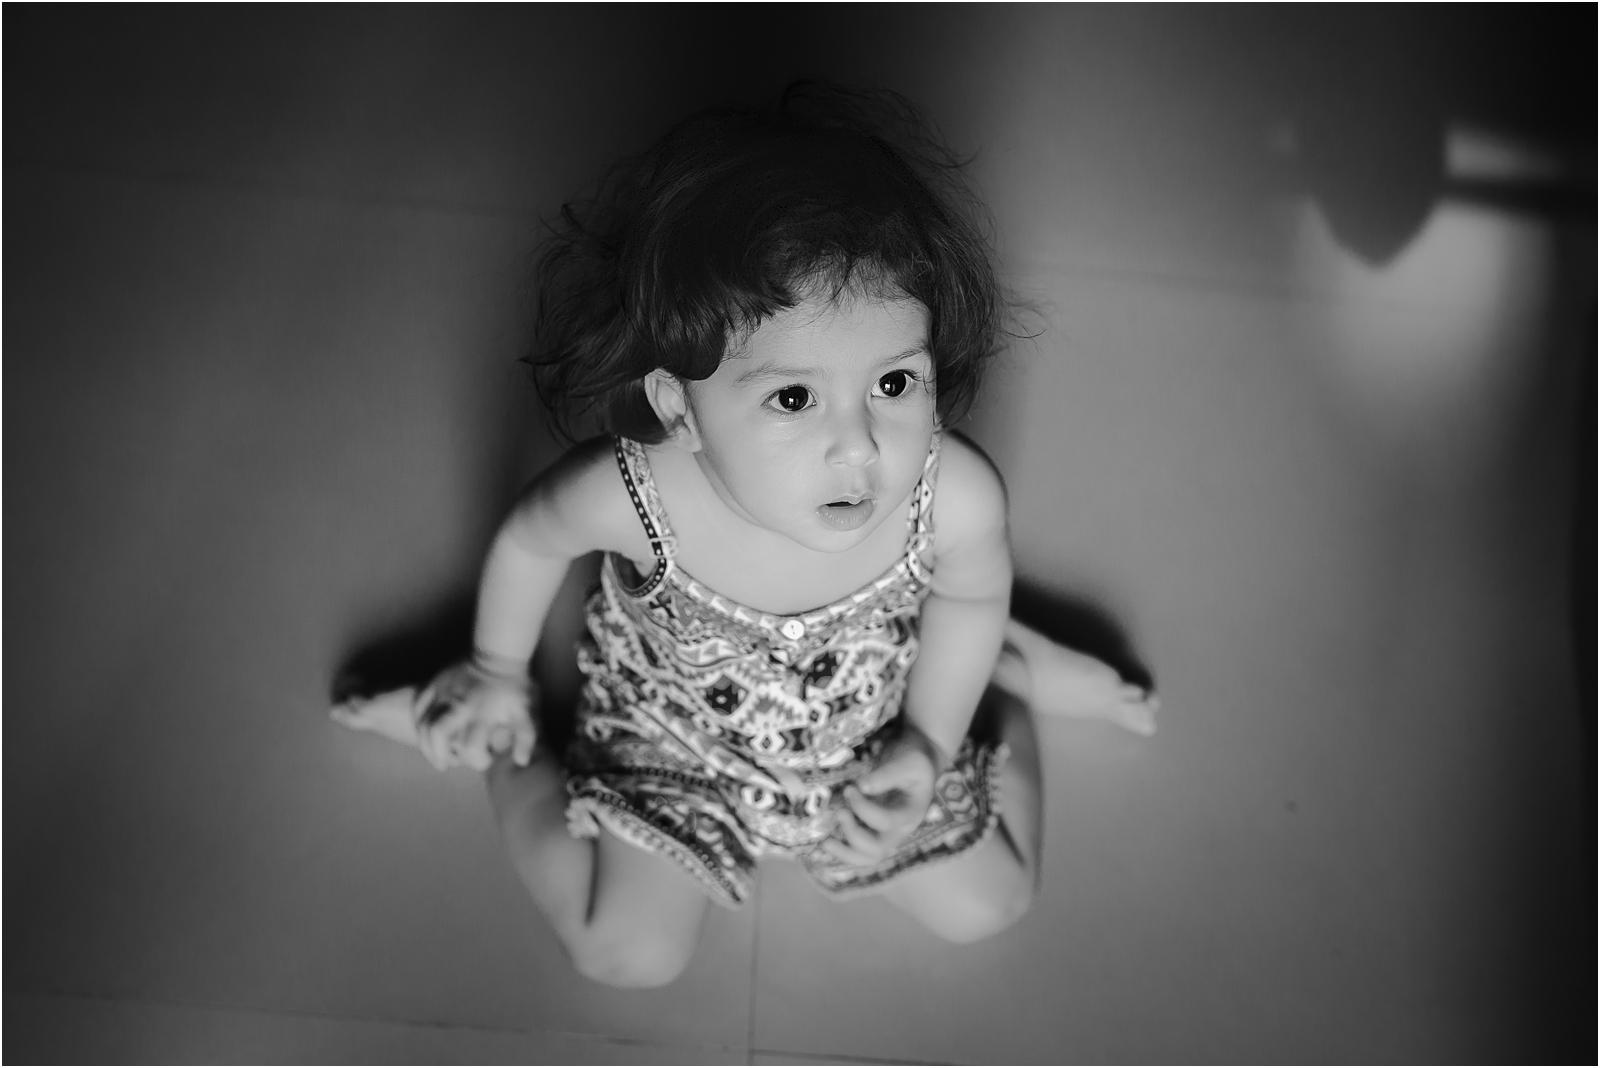 27042017-Deeksha-turns-one-family-shoot-475.JPG